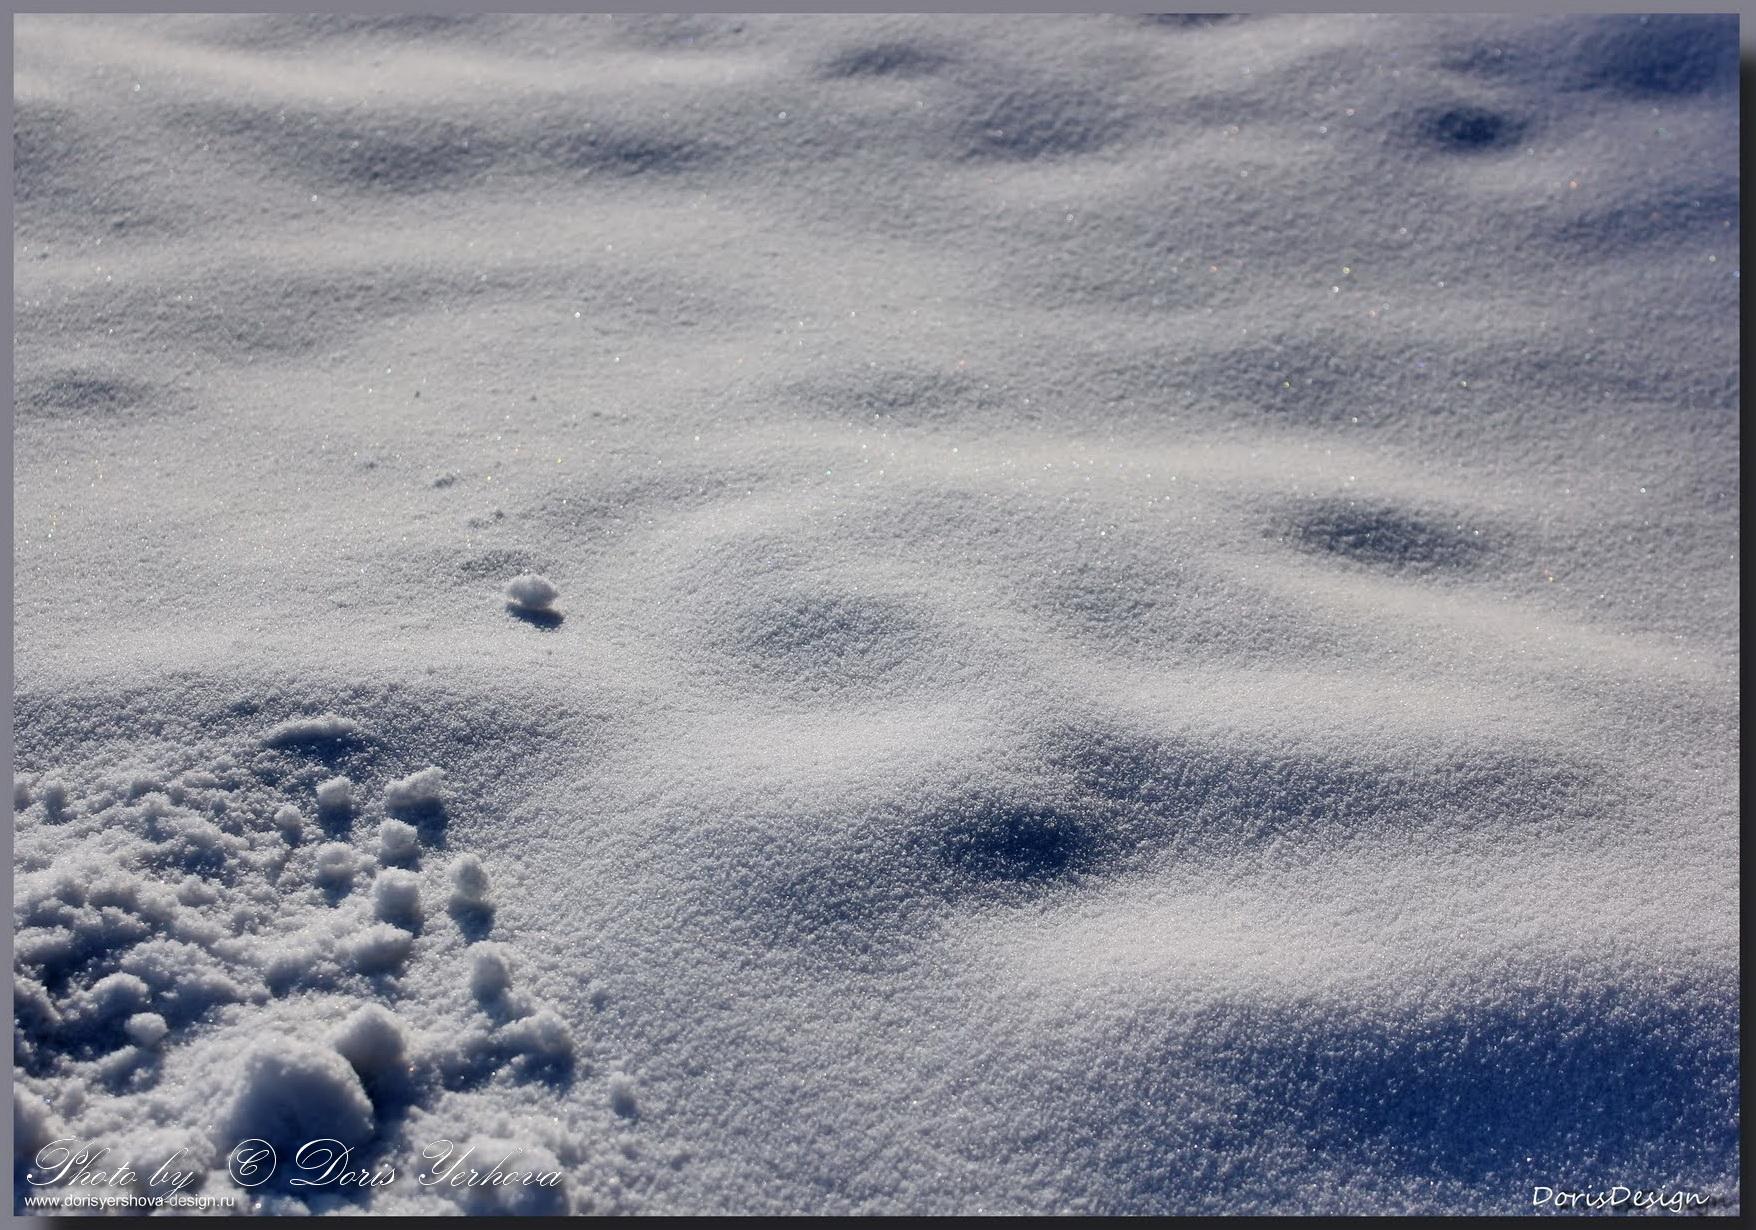 Тени на снегу. Фото - © Дорис Ершова